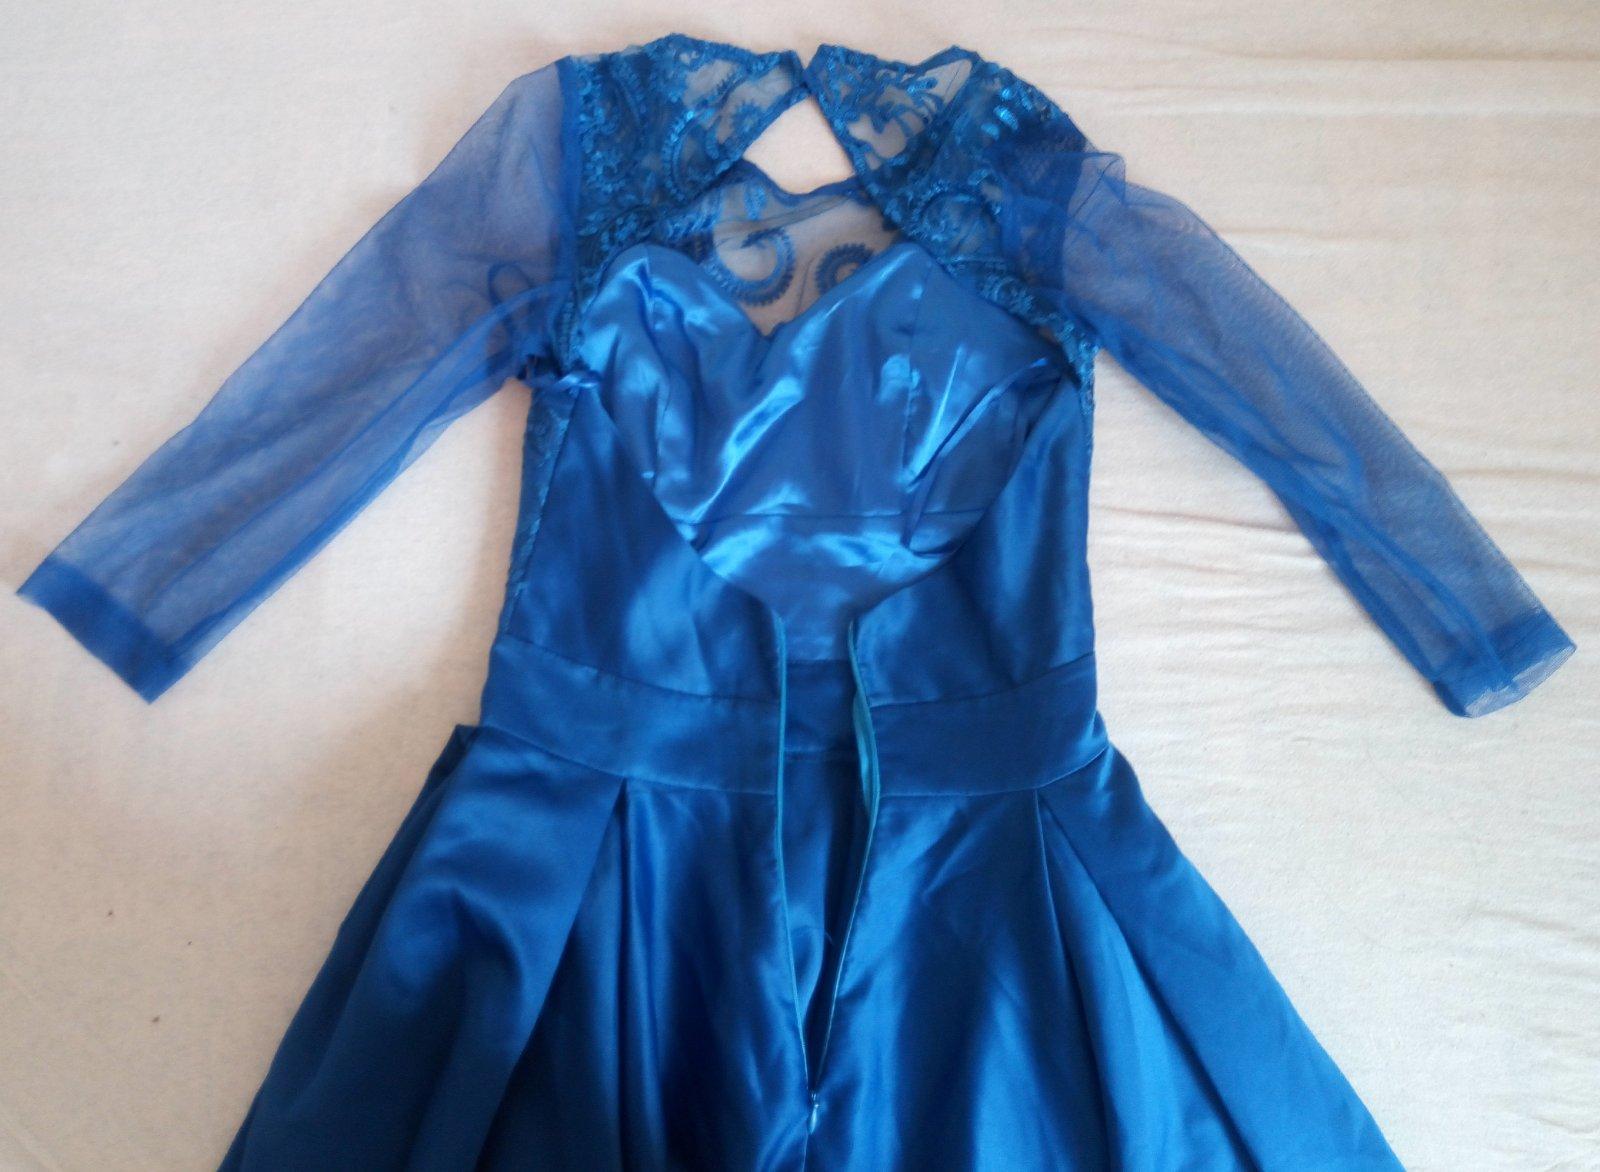 Kráľovsky modré šaty XS - Obrázok č. 4